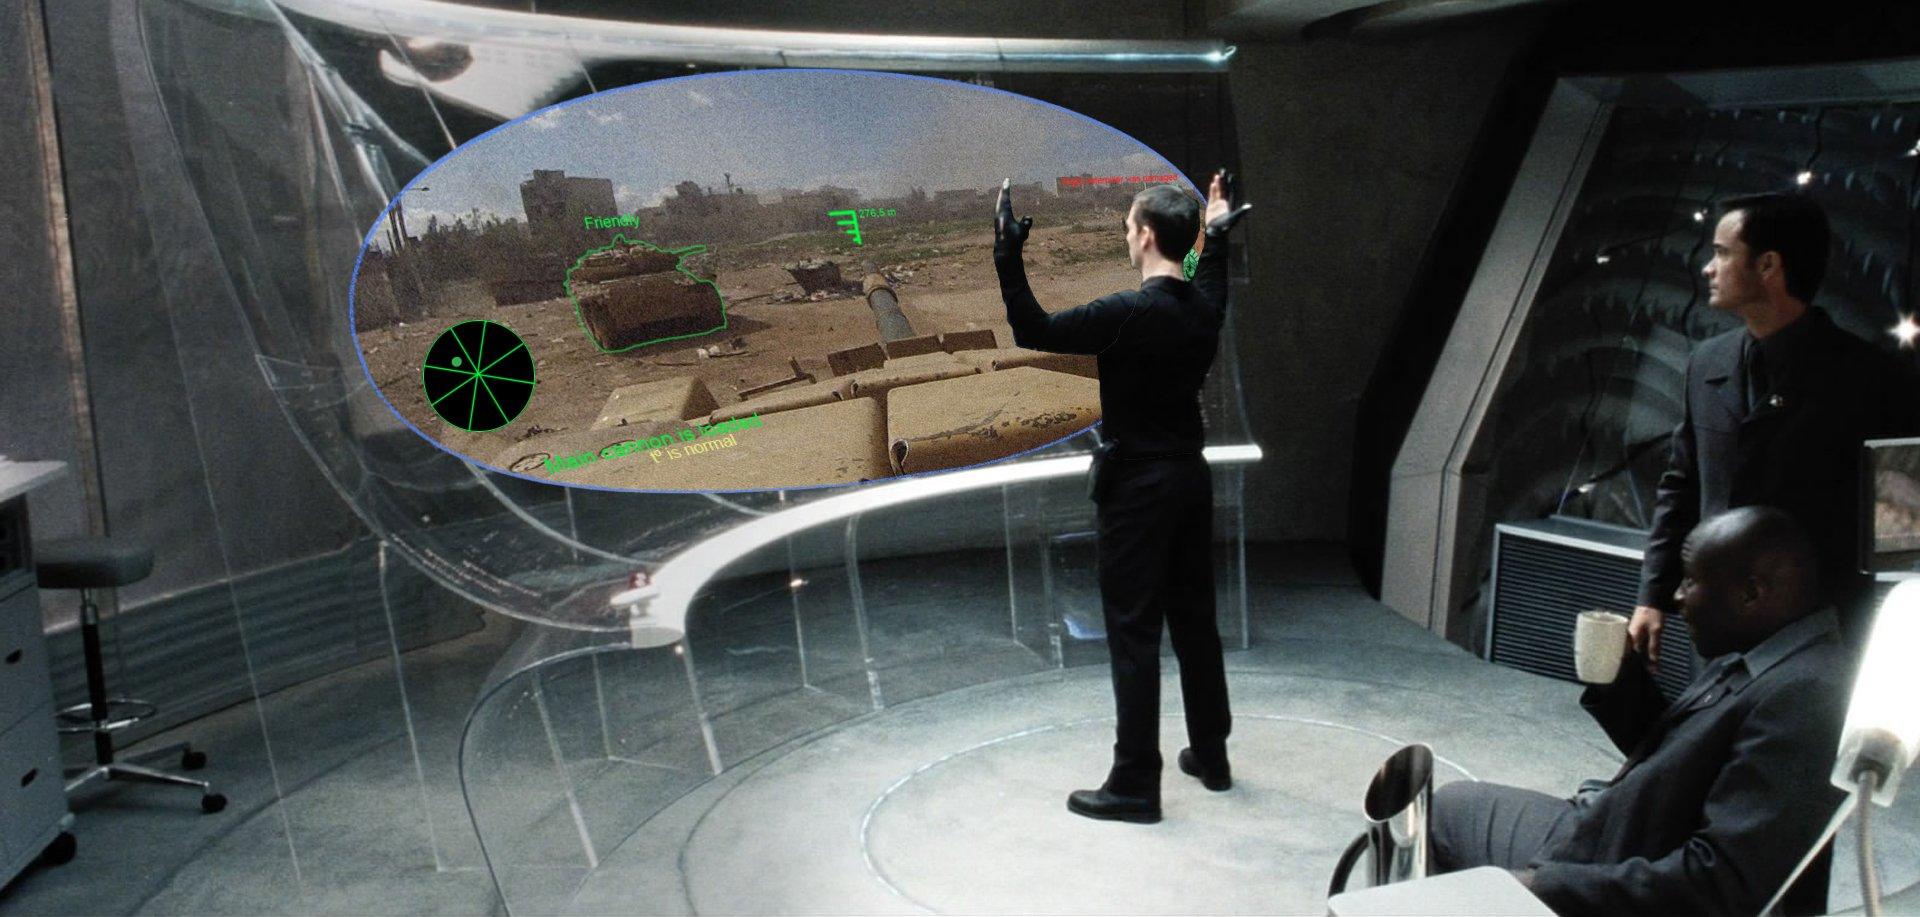 Итоги конкурса интерфейсов будущего - Изображение 4